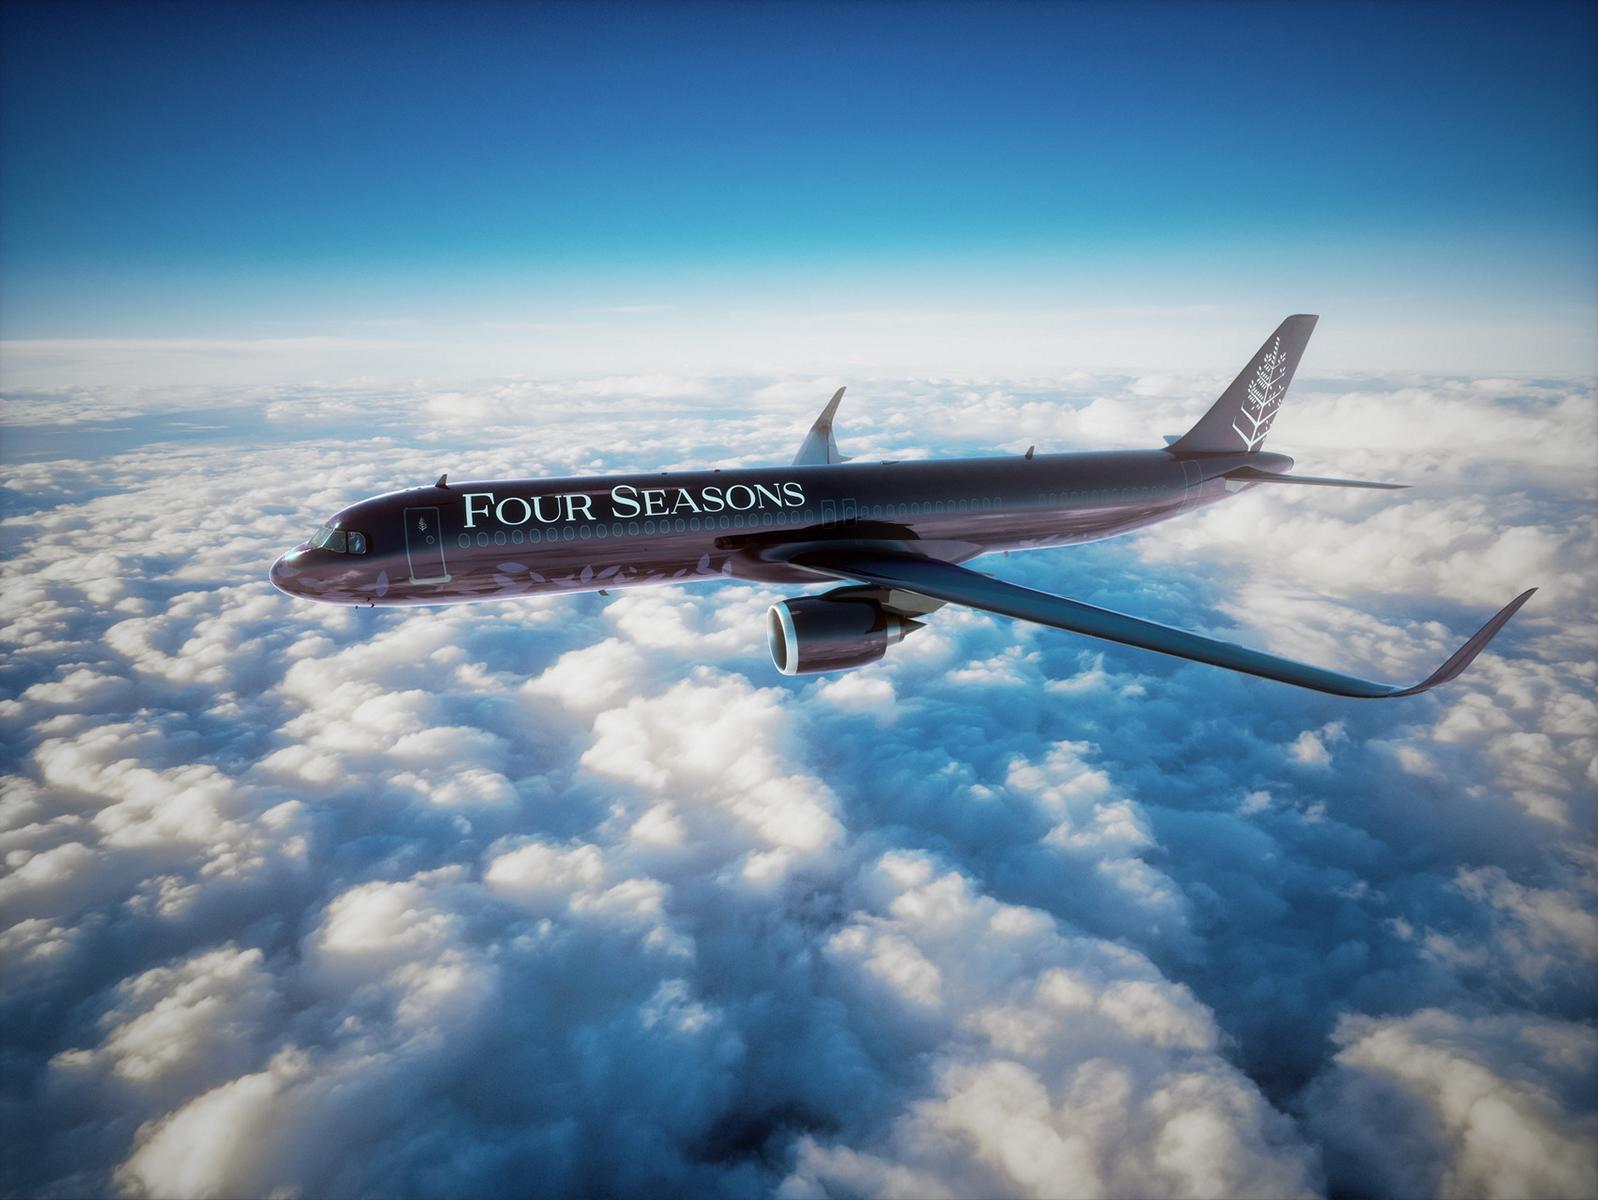 Der Four Seasons Private Jet in der Luft über den Wolken vor blauem Himmel